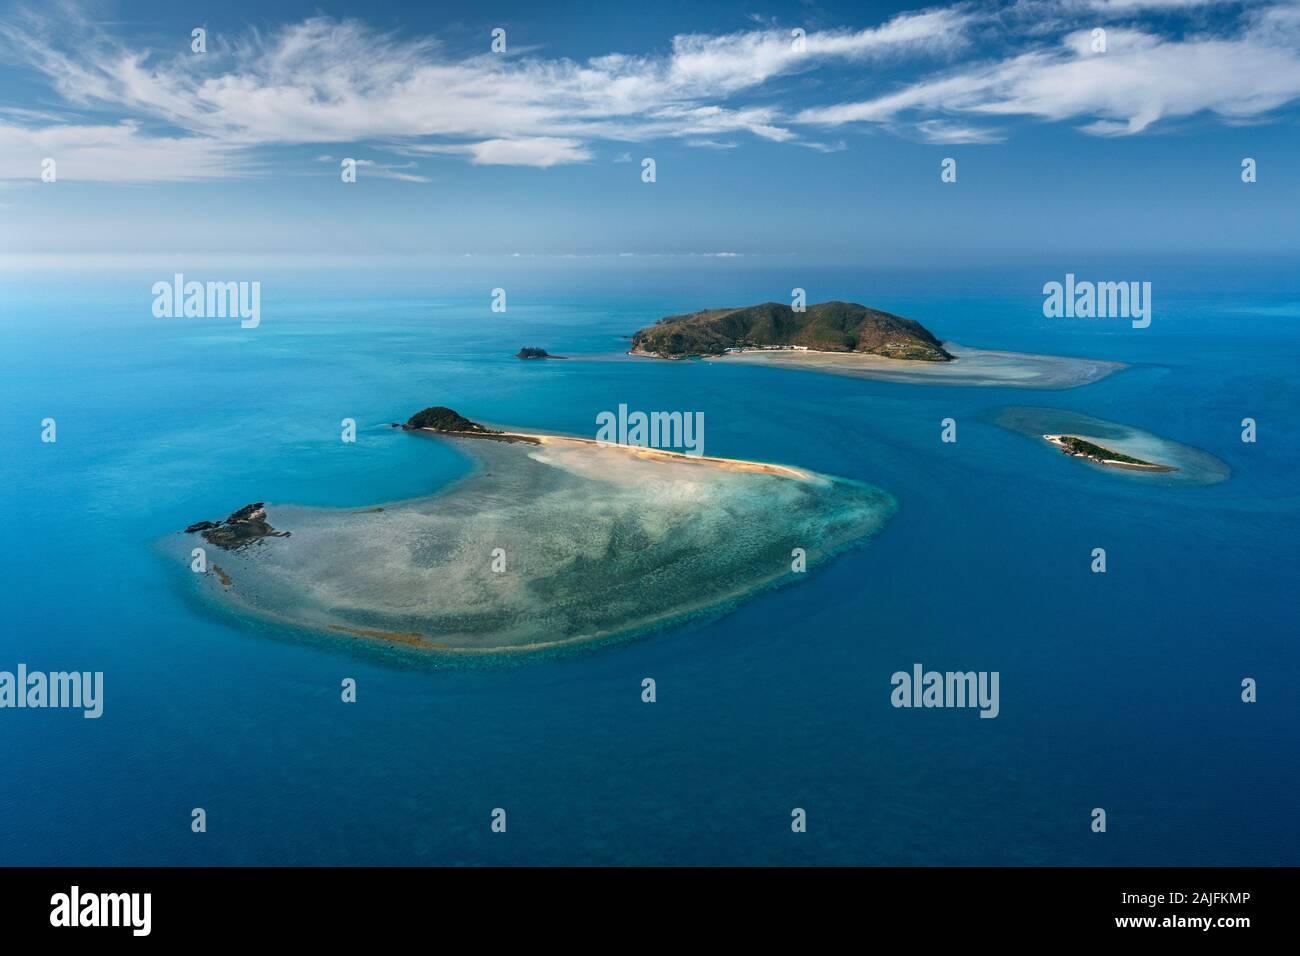 Luft von Hayman Island, einem Teil der berühmten Whitsunday Islands. Stockfoto